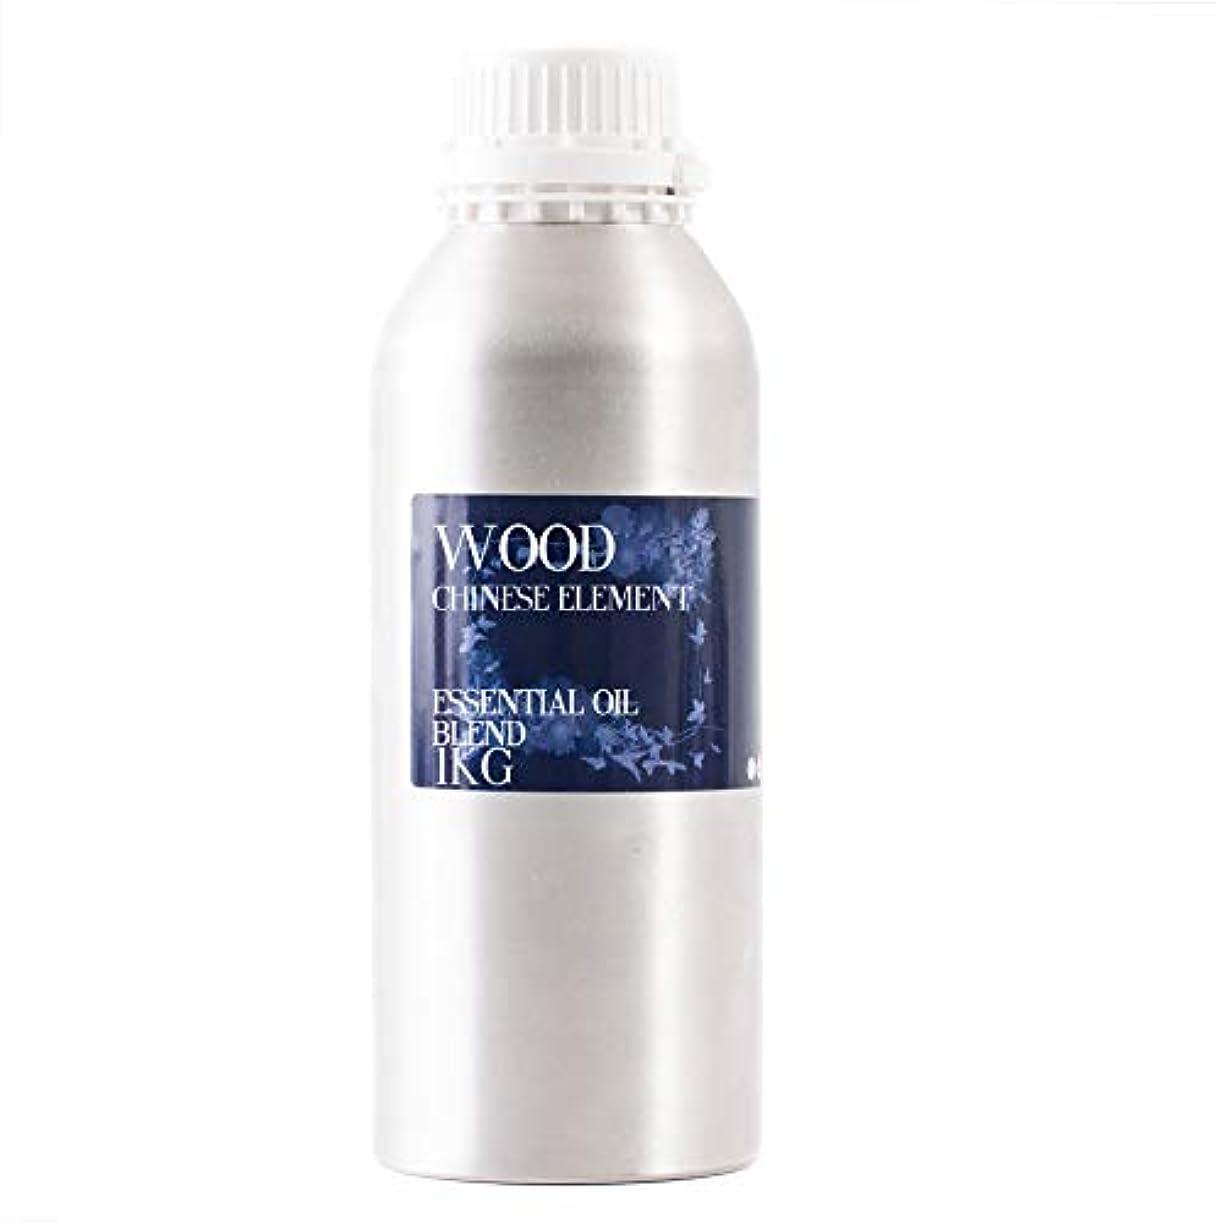 め言葉実施する国家Mystix London | Chinese Wood Element Essential Oil Blend - 1Kg